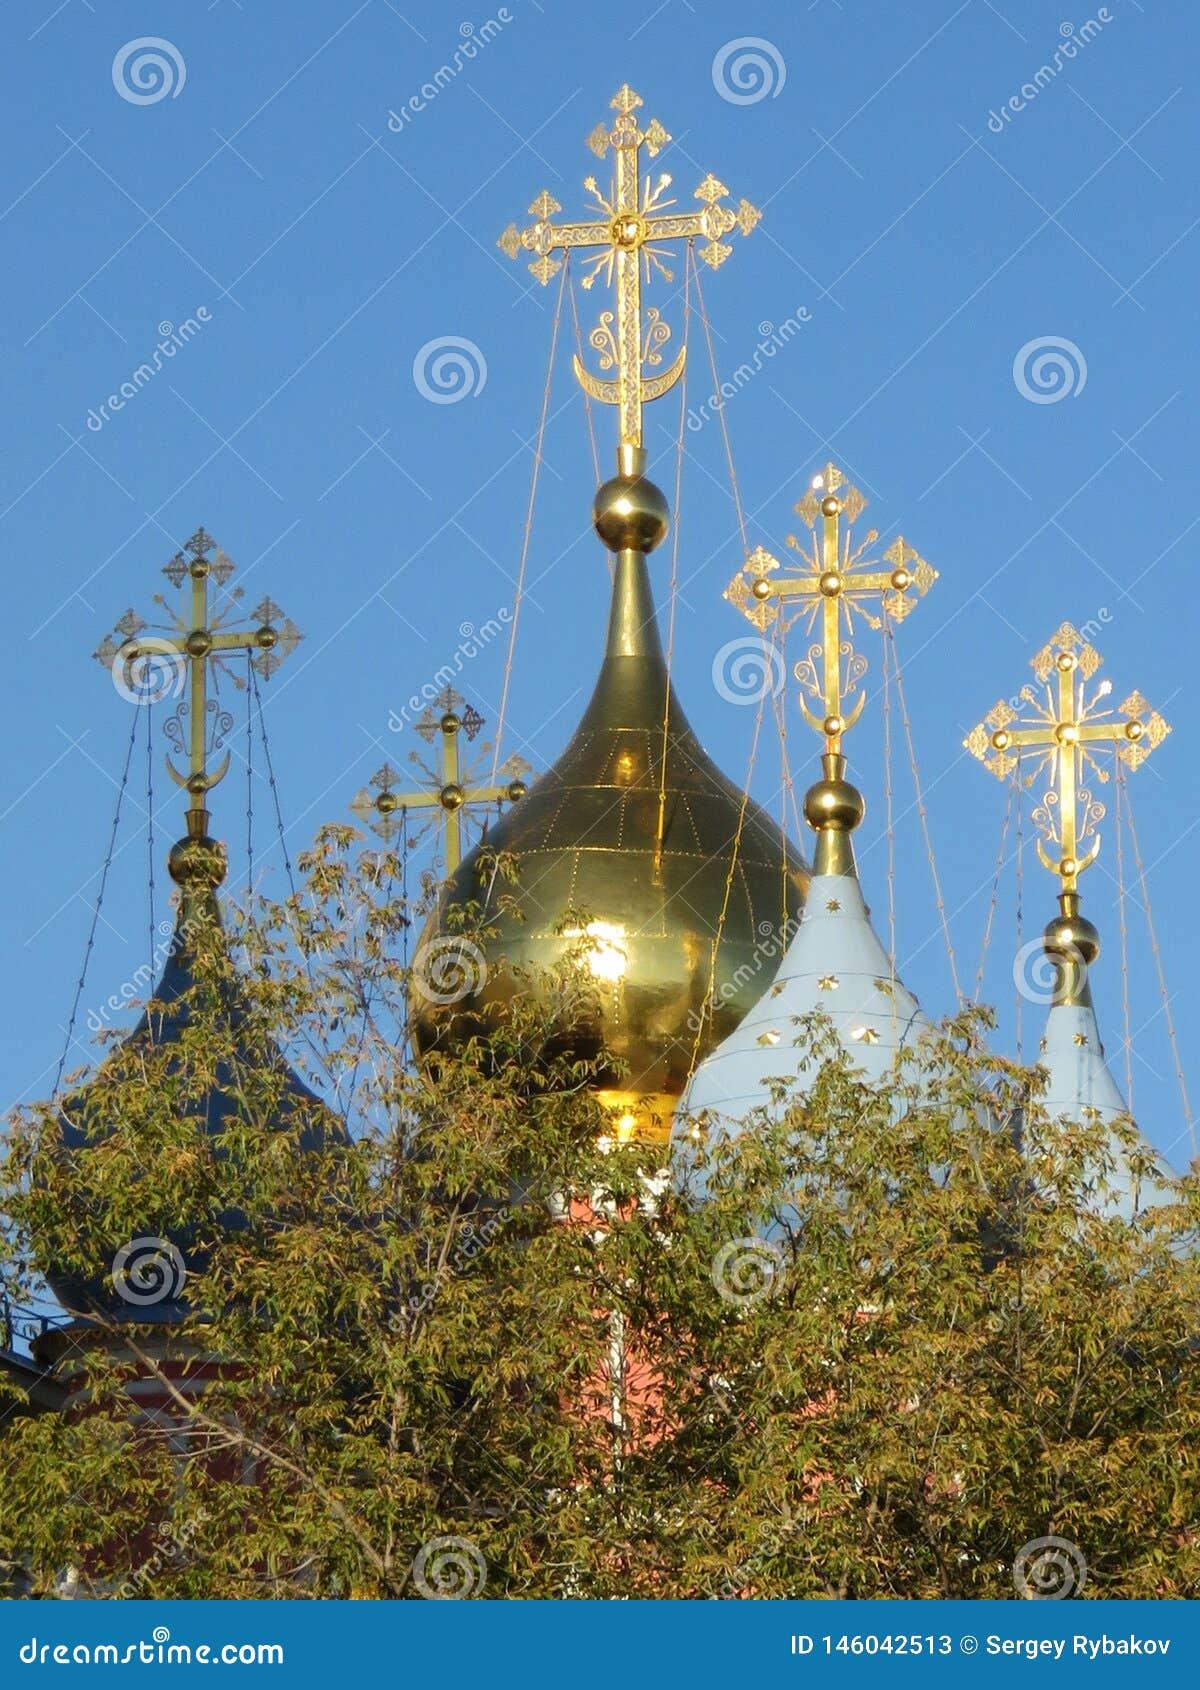 Moskau! Ich liebe dich! Der Zaryadye-Park